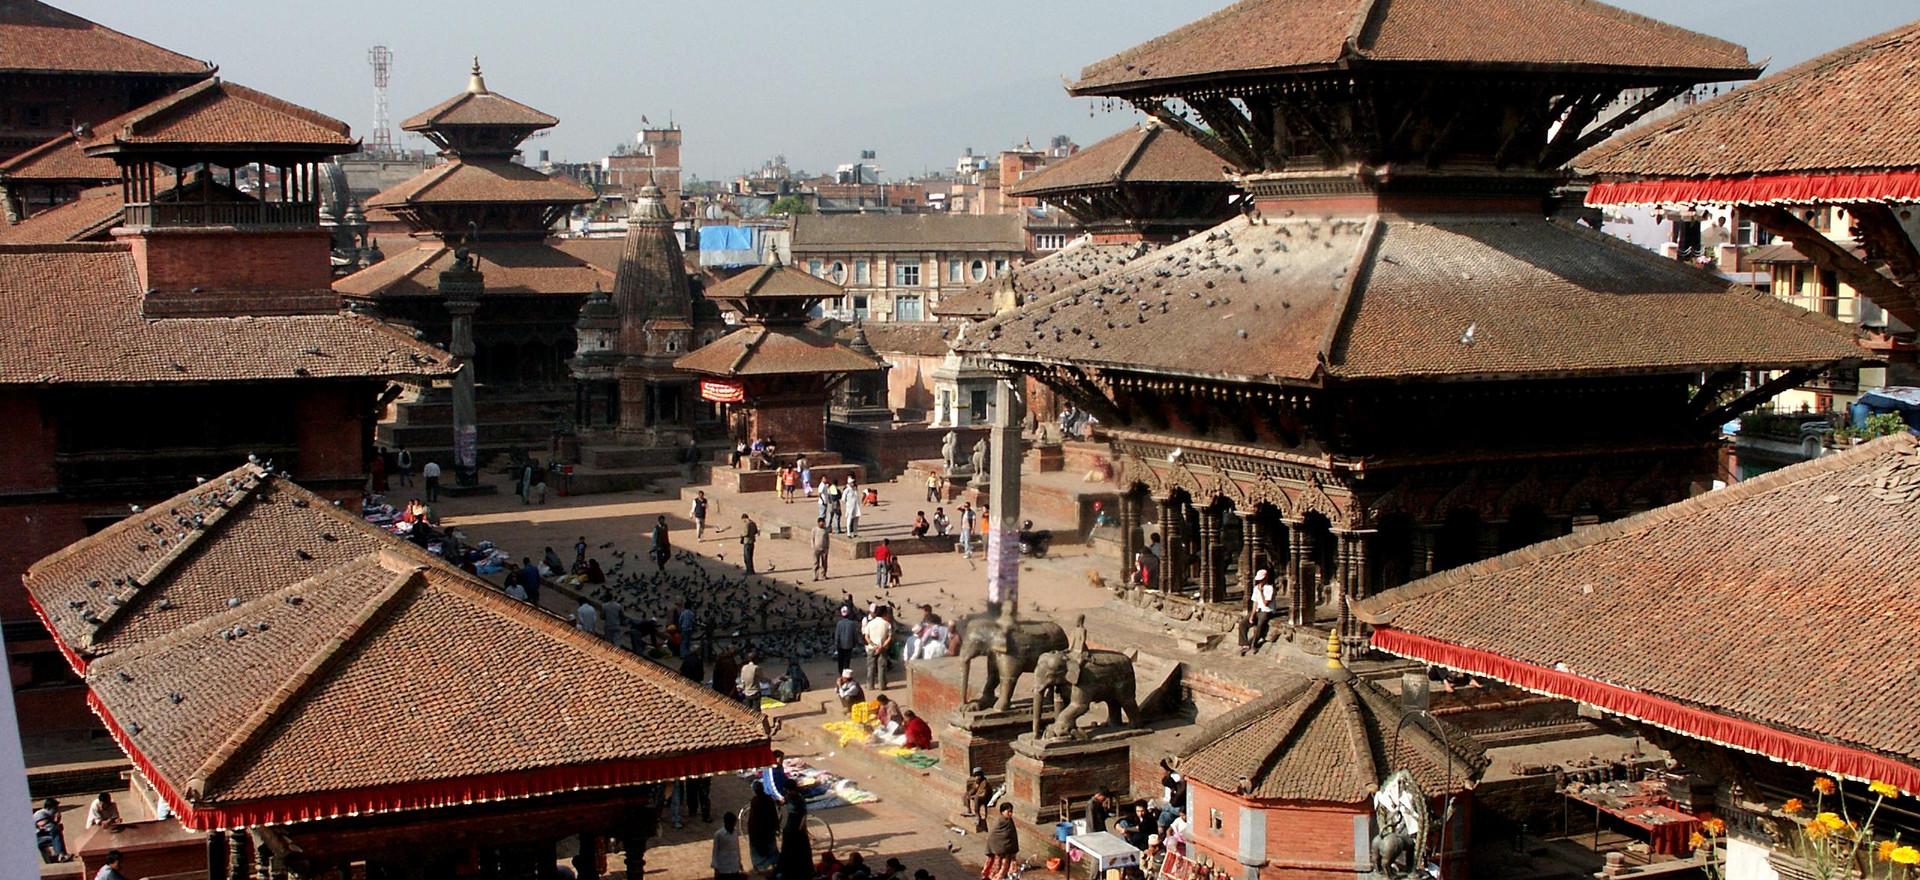 Patan Durbar Square aerial view